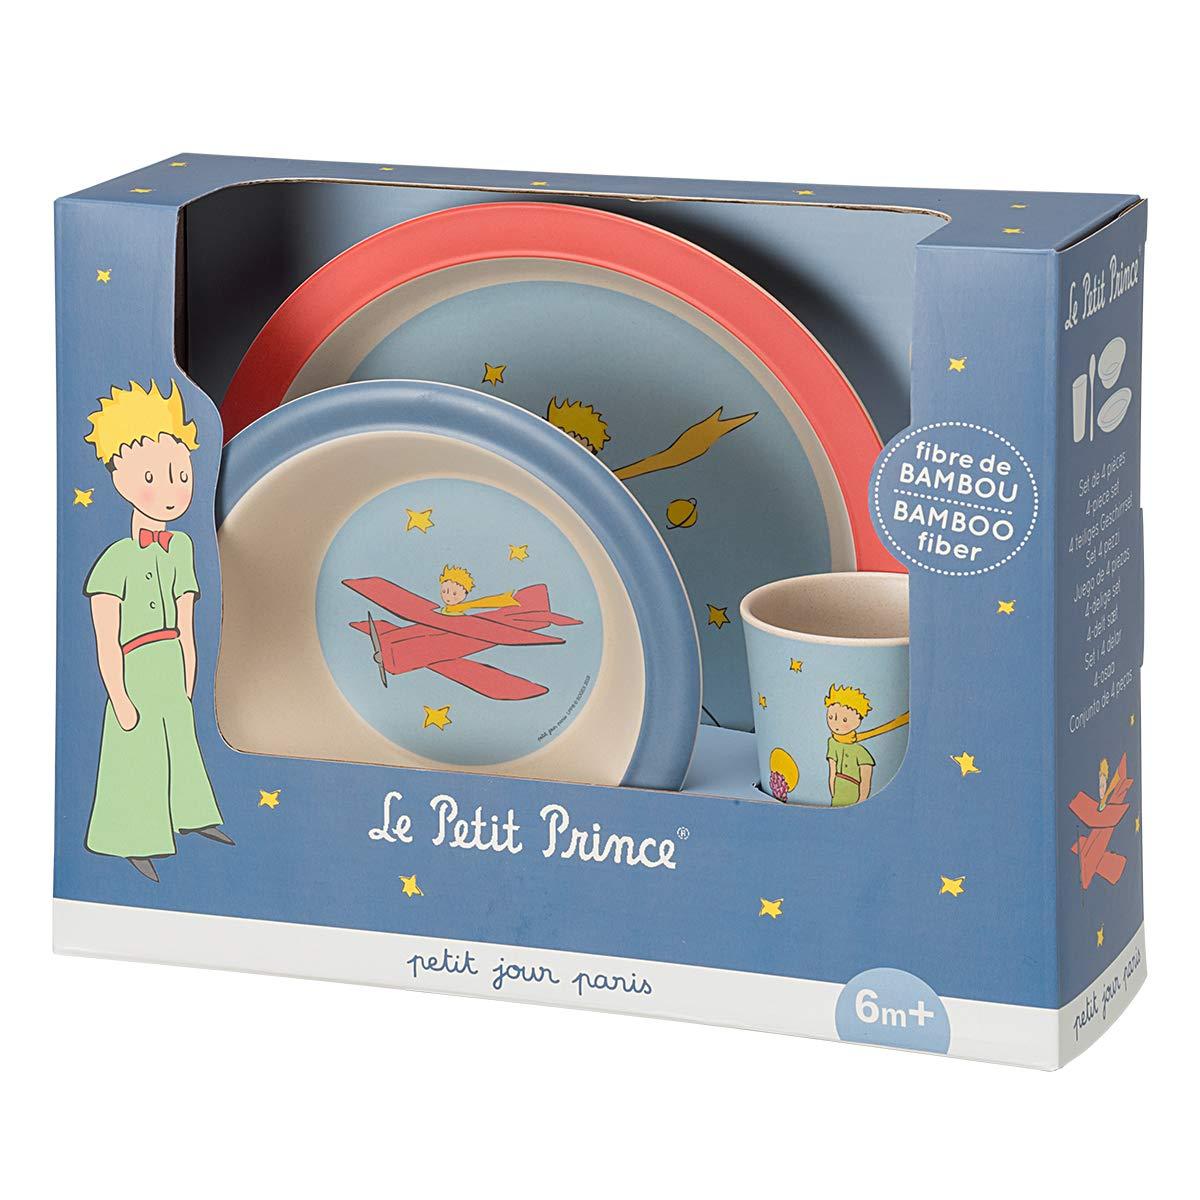 Coffret vaisselle bambouLe Petit Prince Petit Jour Paris Favorise lautonomie